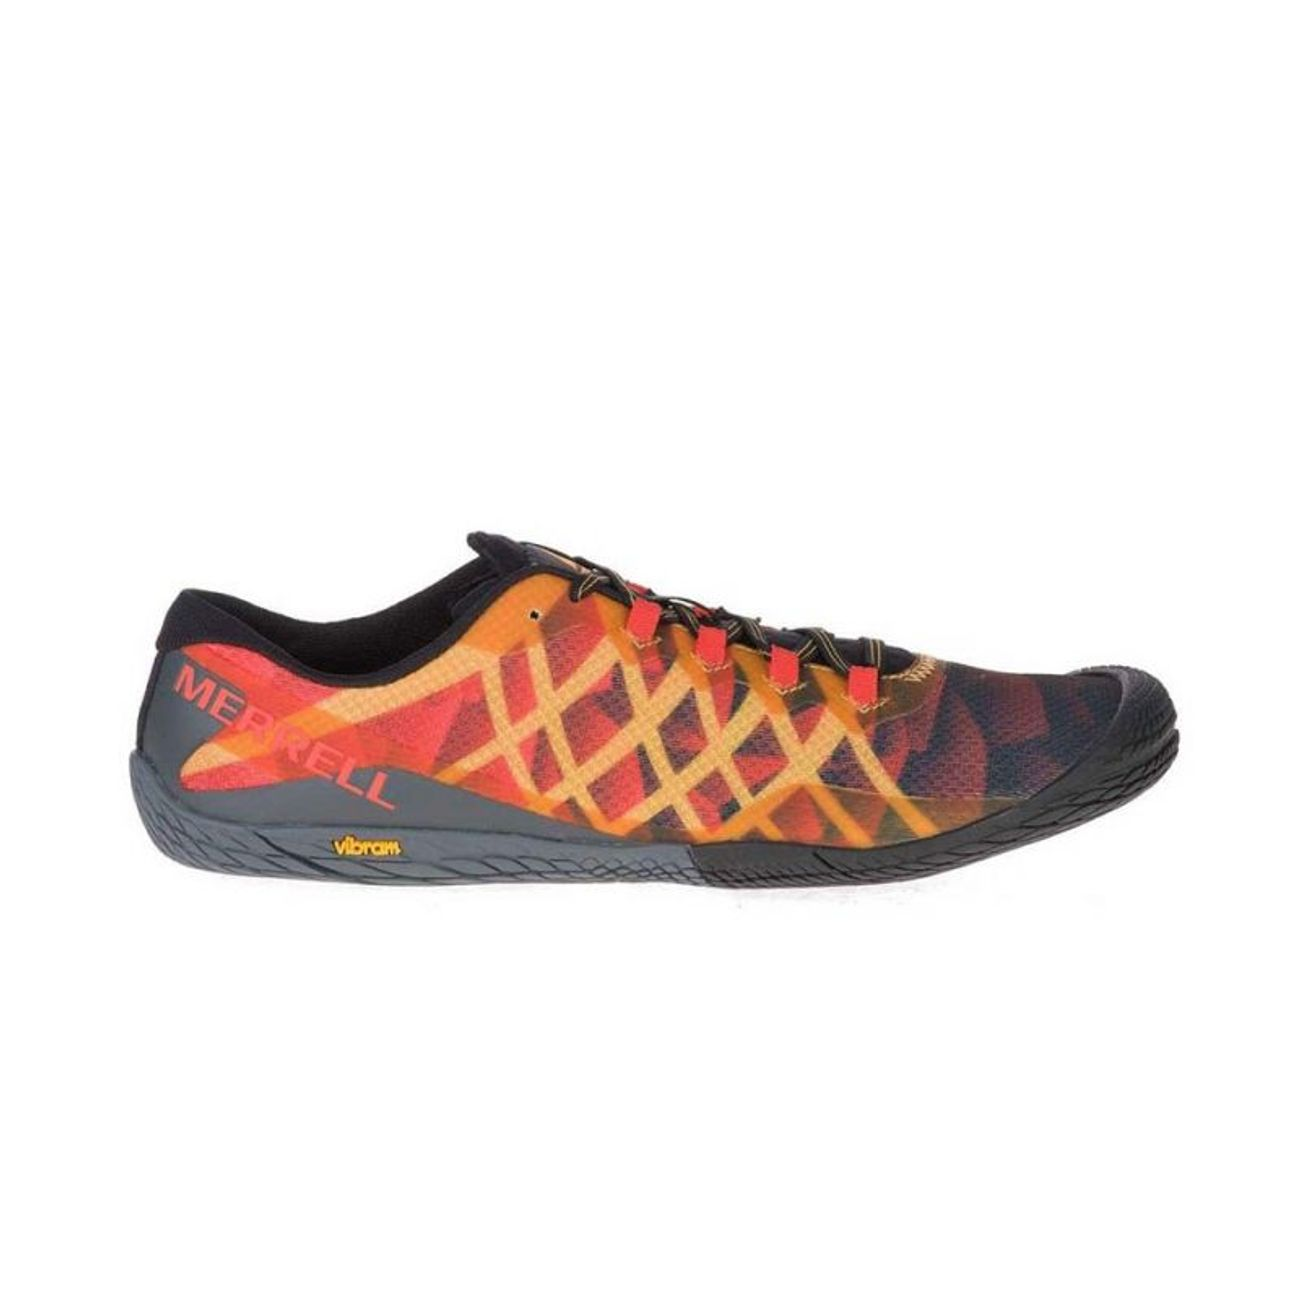 Chaussures MERRELL Vapor Glove 3 J77659 Fruit Punch